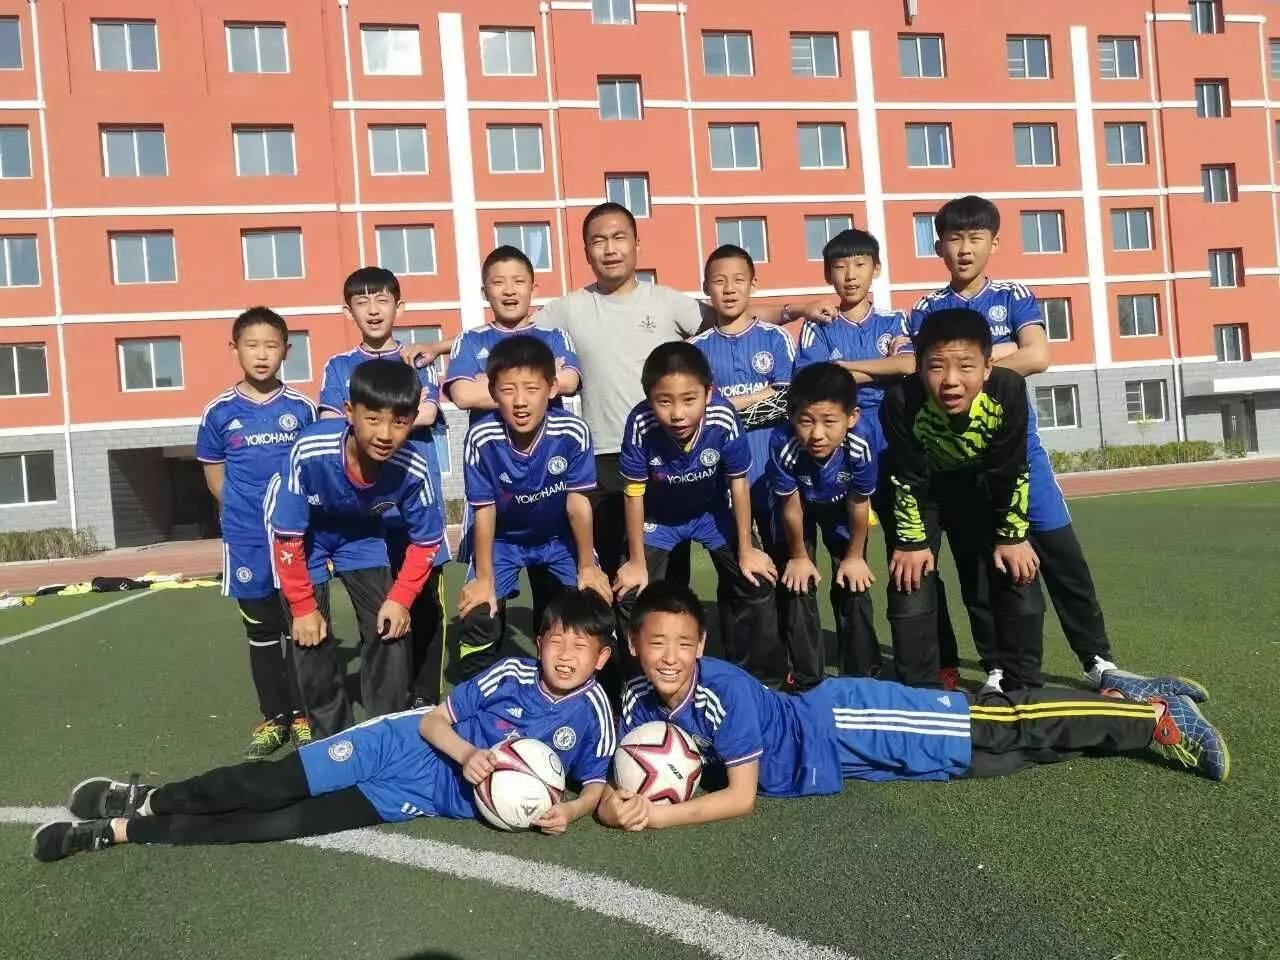 喜讯|热烈祝贺我校足球队(小学组)在通辽市市长杯足球